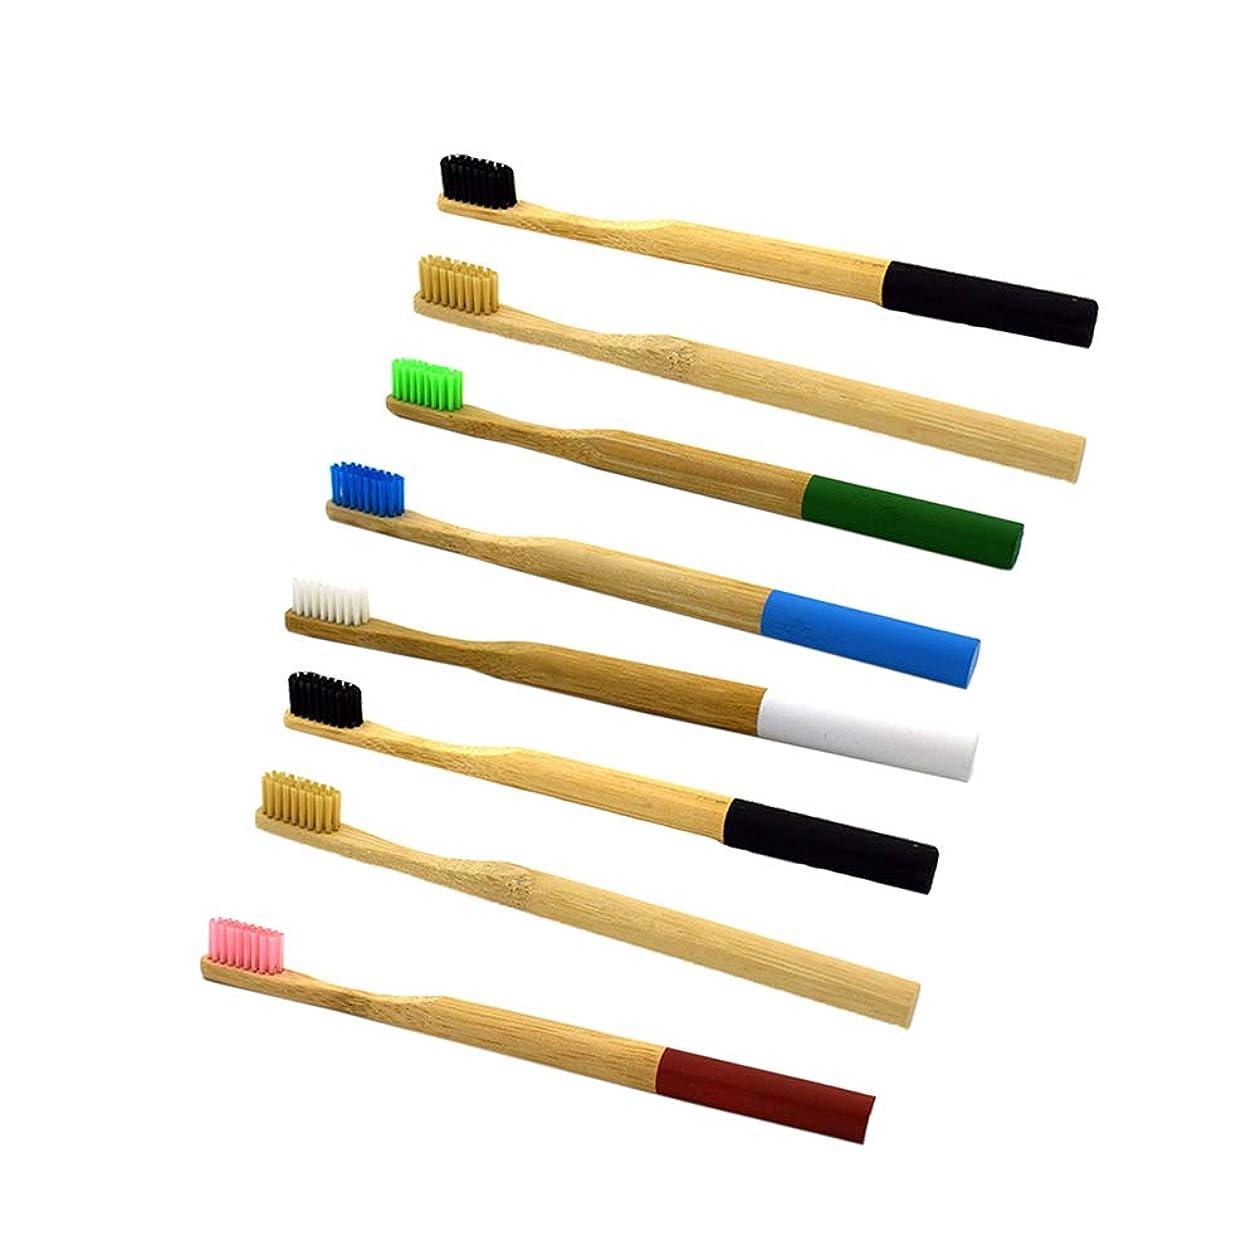 官僚シンク悪意Healifty 竹製歯ブラシ丸型ハンドル歯ブラシ8本(混色)